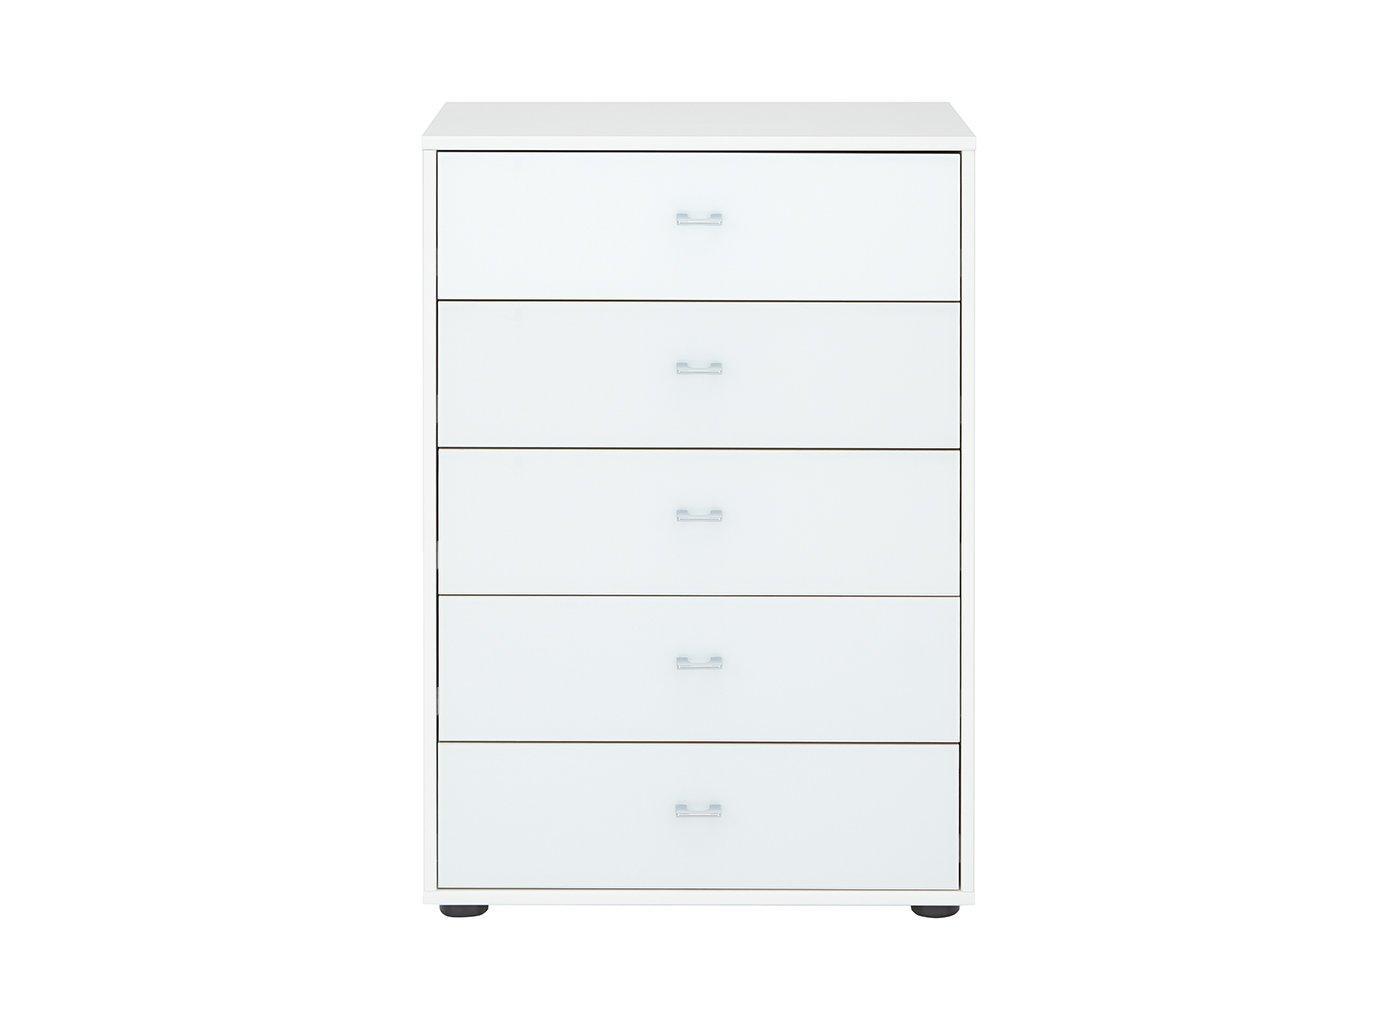 memphis-5-drawer-chest---white